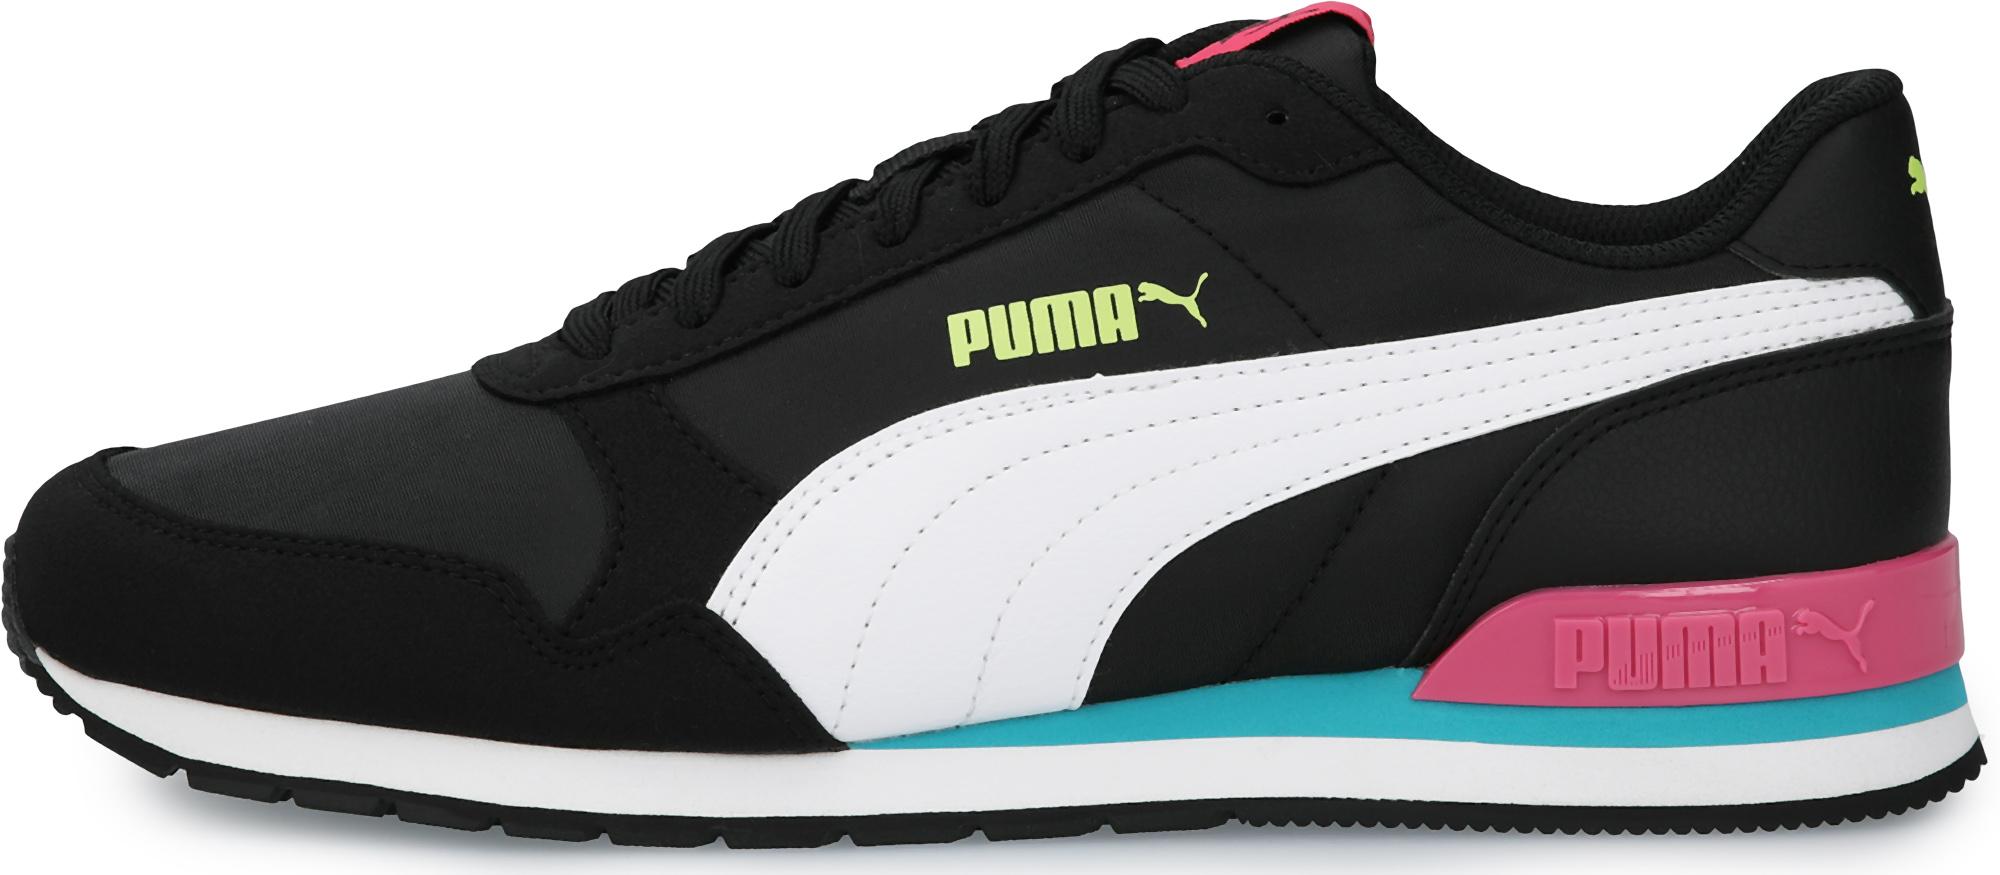 Фото - Puma Кроссовки женские Puma St Runner V2, размер 36.5 кроссовки мужские puma st runner